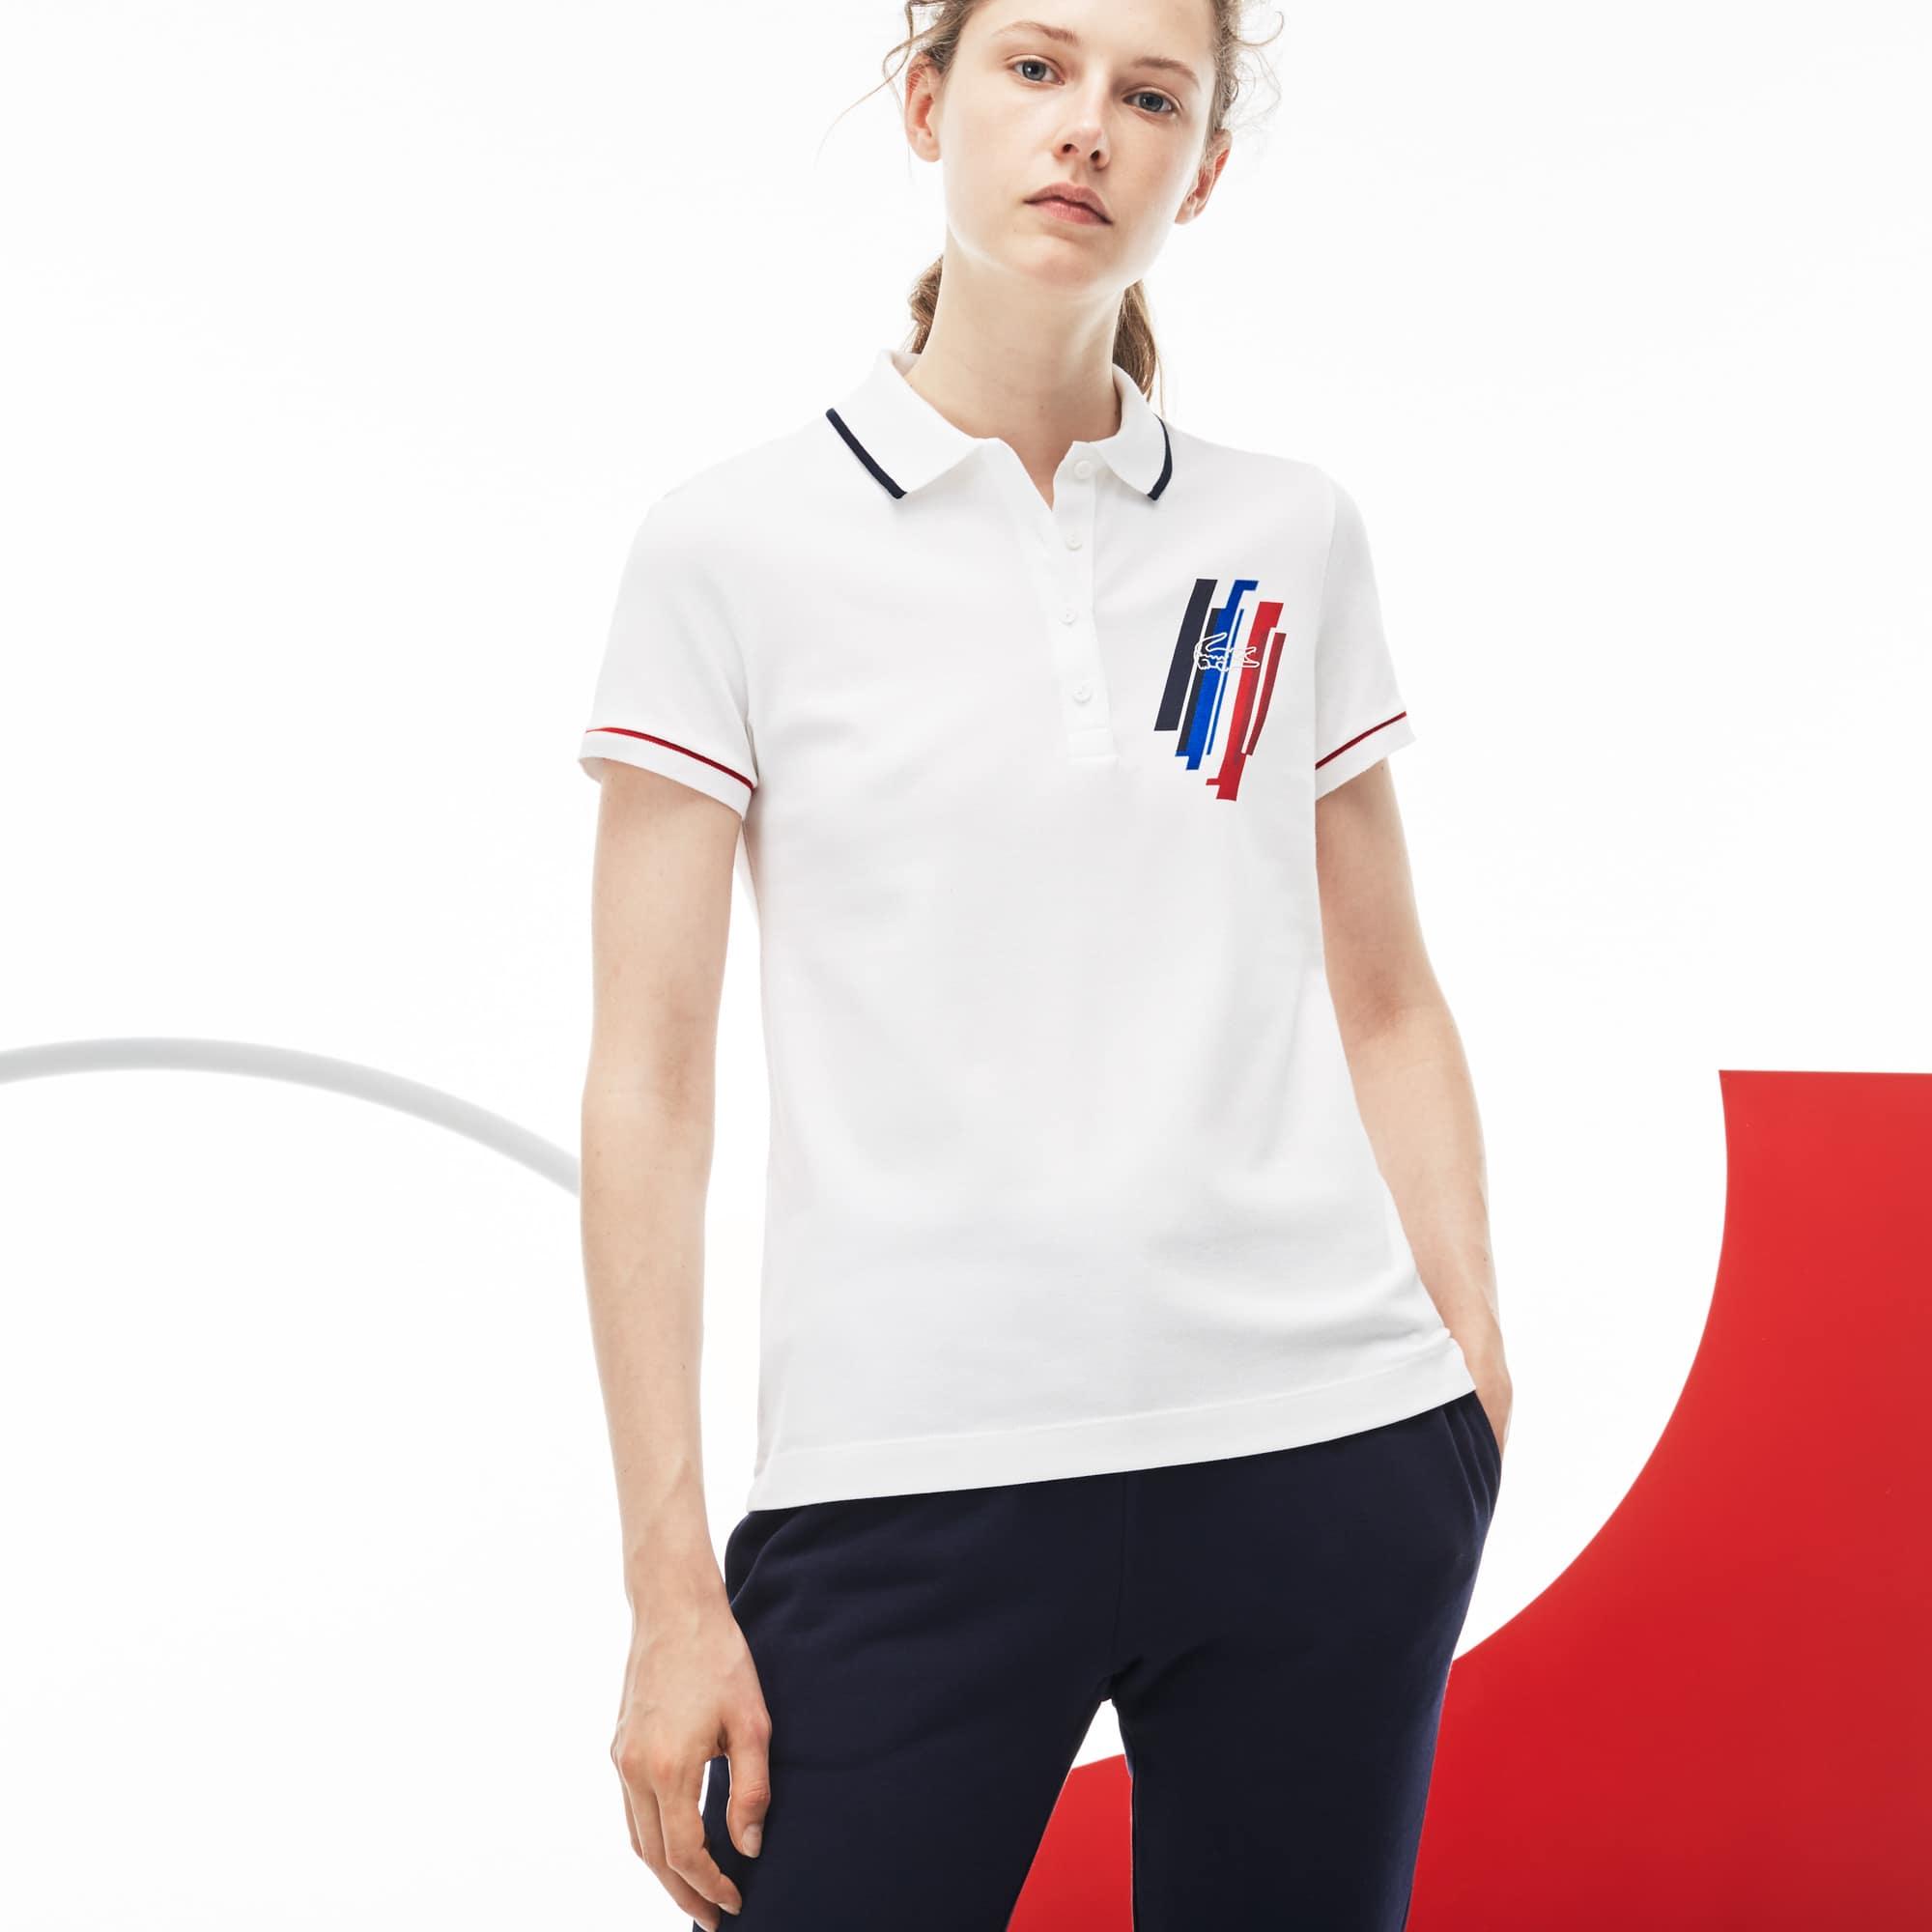 Women's Lacoste SPORT COLLECTION TRICOLORE Edition Stretch Mini Piqué Polo